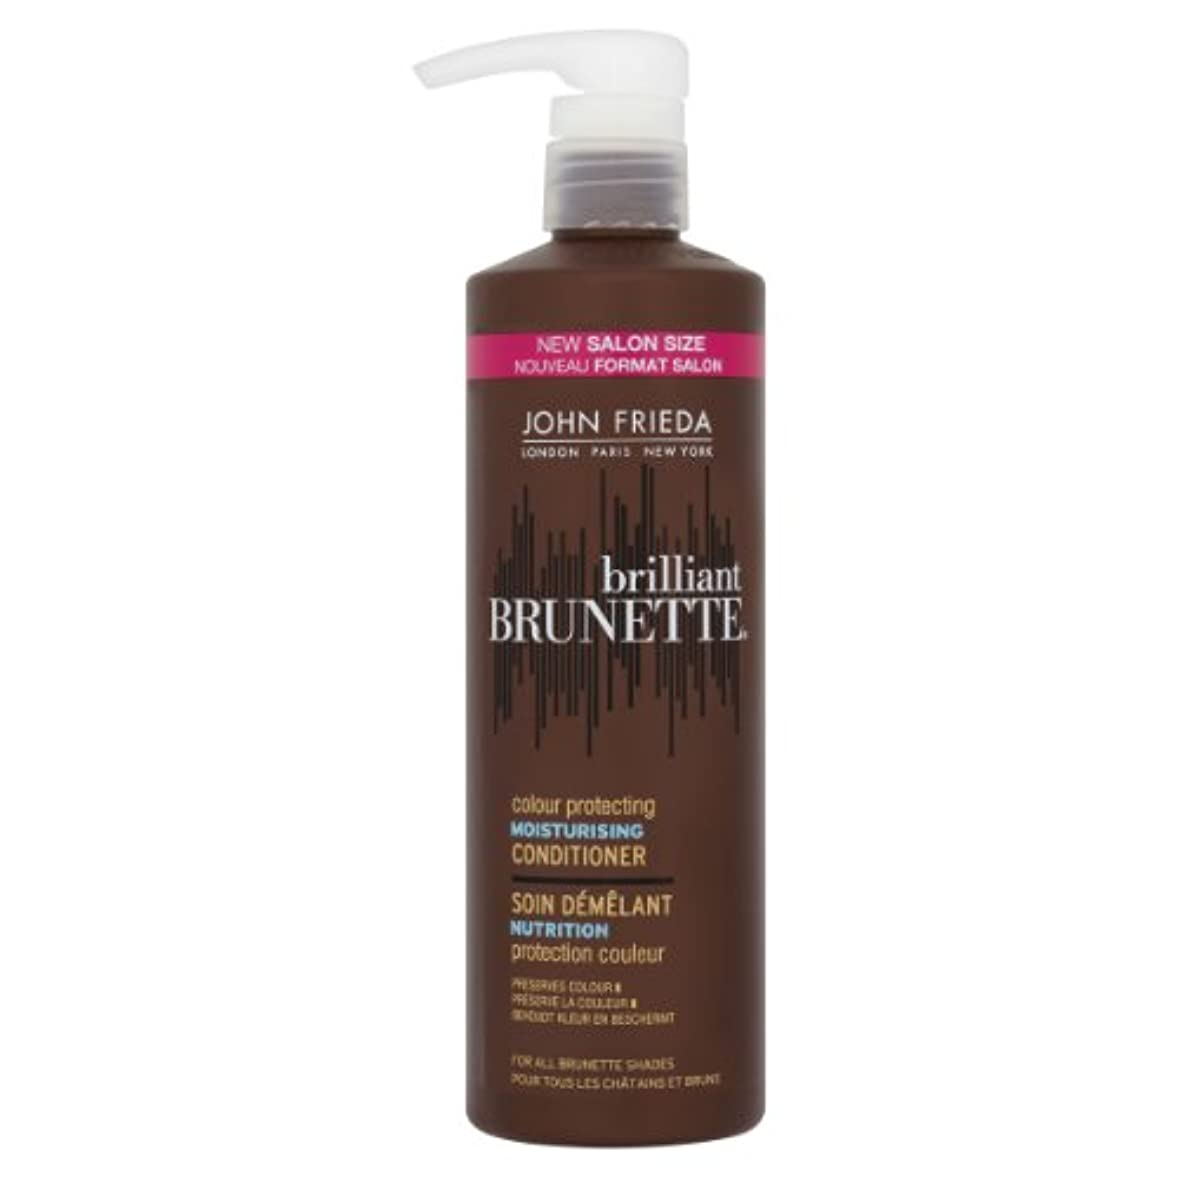 変成器清めるジョージエリオットJohn Frieda Brilliant Brunette Colour Protecting Moisturising Conditioner 500ml